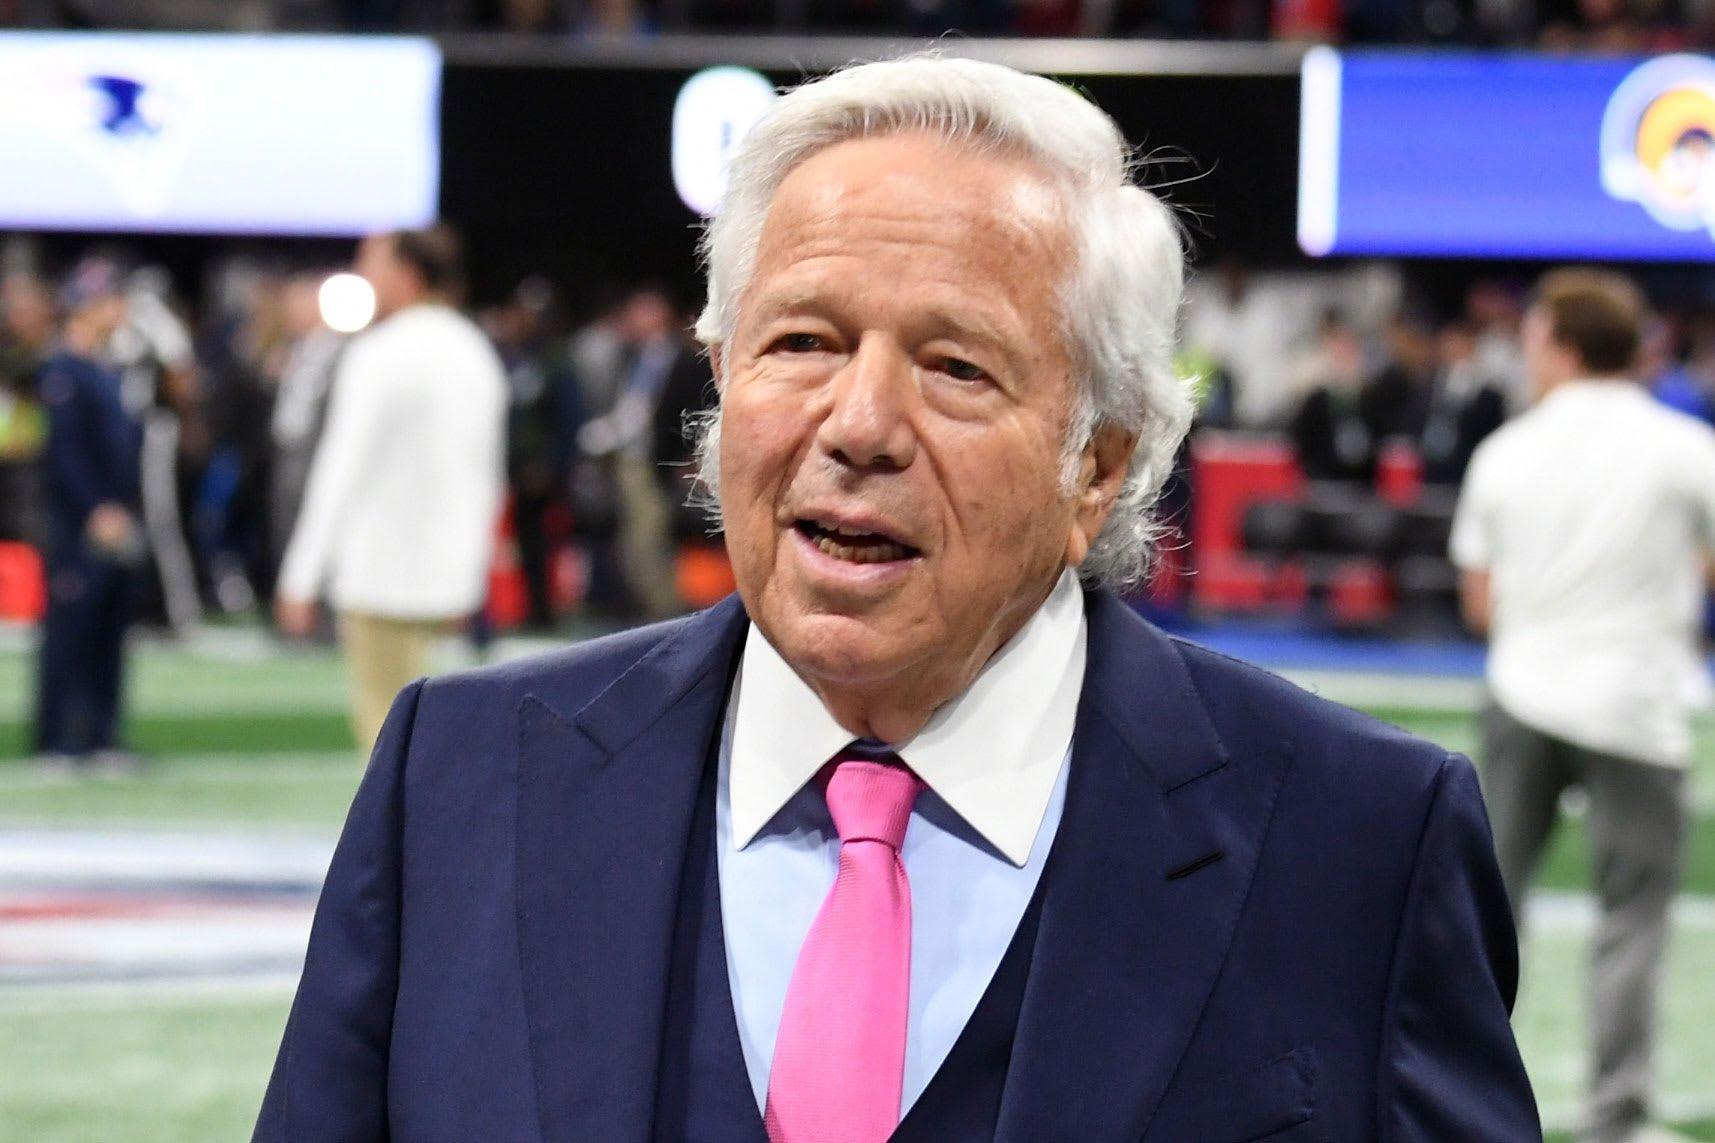 Propietario de los Patriots pone a subasta su anillo de Super Bowl